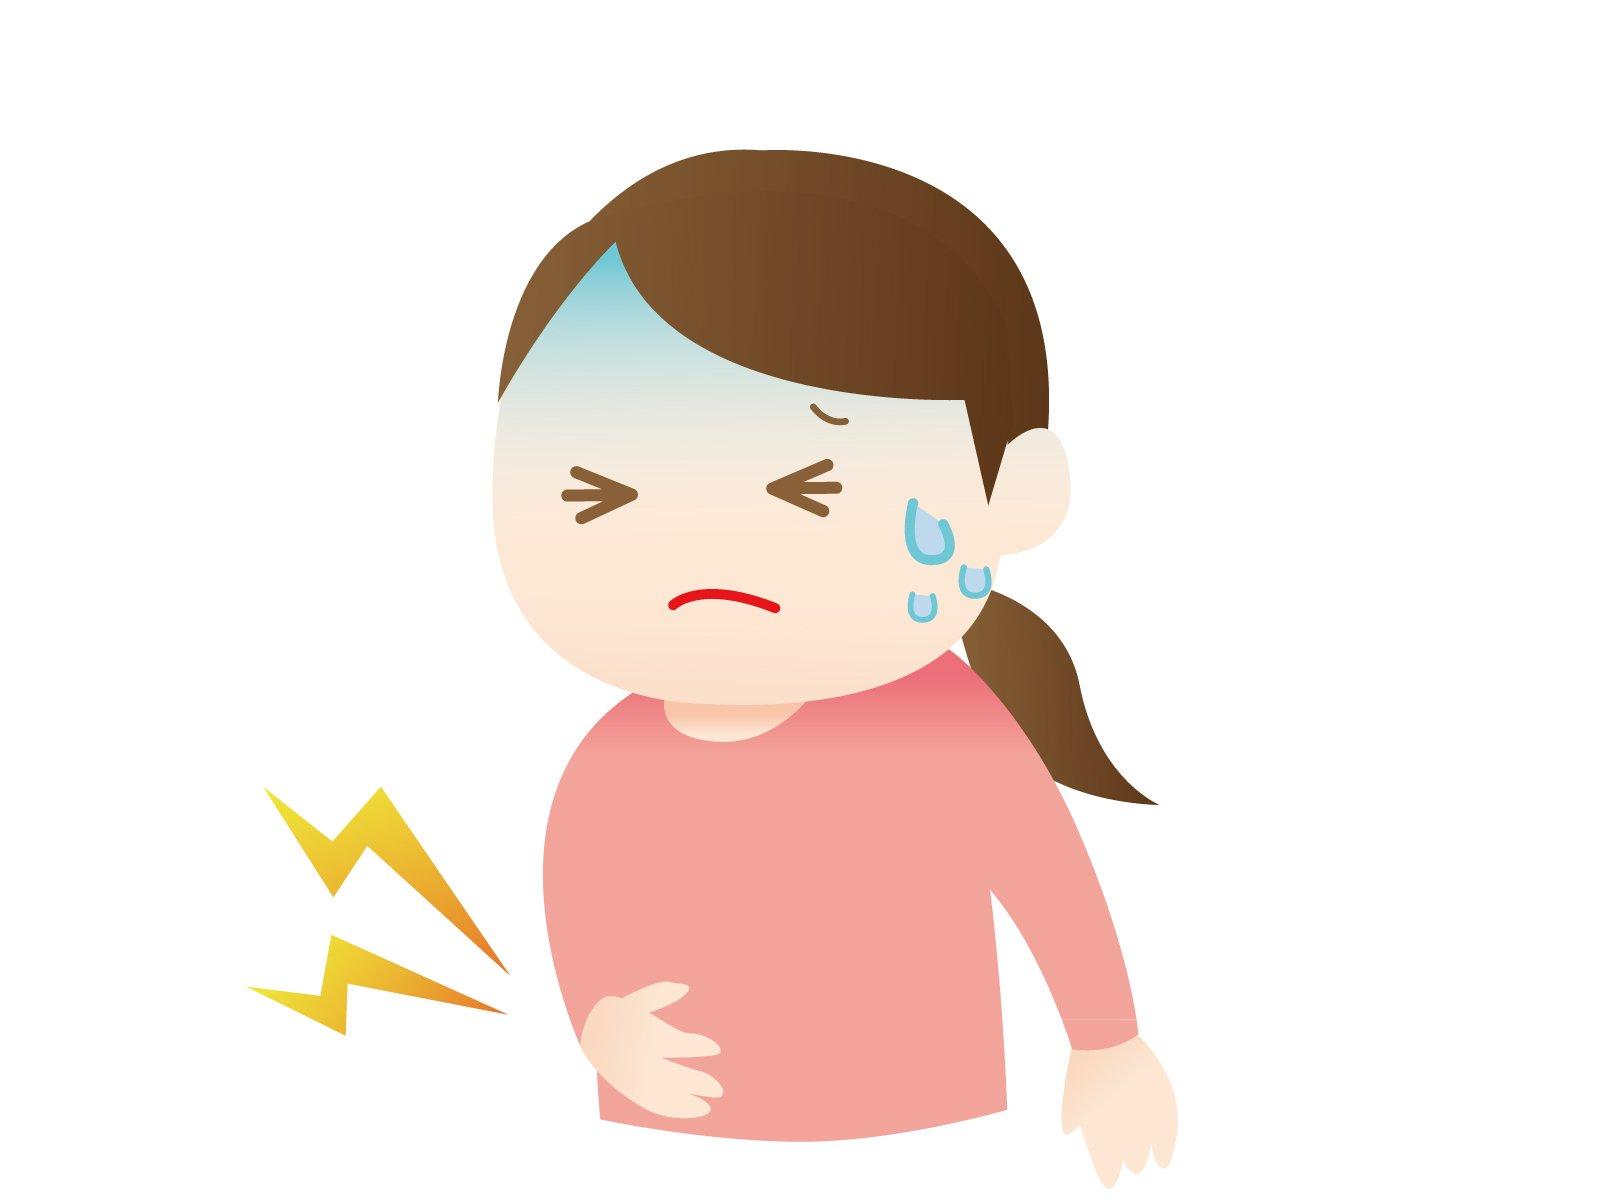 妊娠中の尿路結石の症状、原因、予防策、対処法まとめ | lovemo(ラブモ):ママ&プレママ向け情報メディア